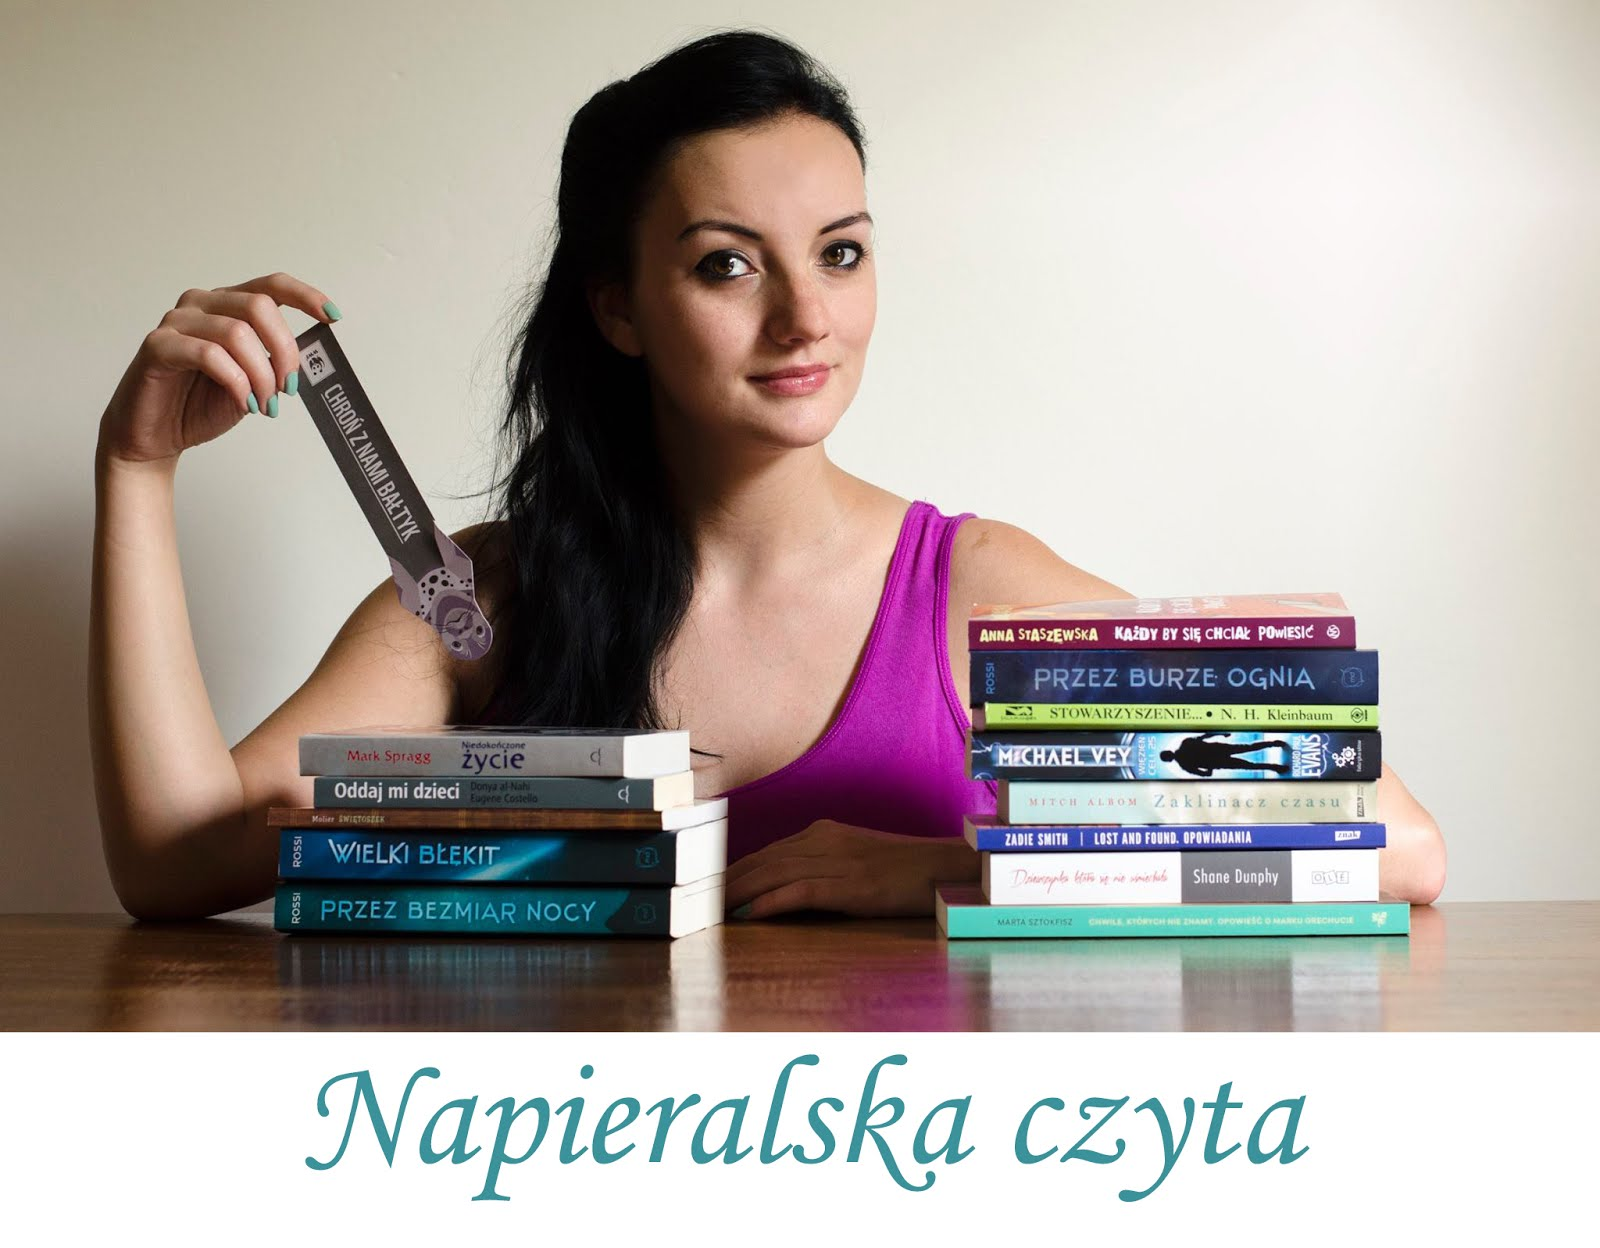 Napieralska czyta